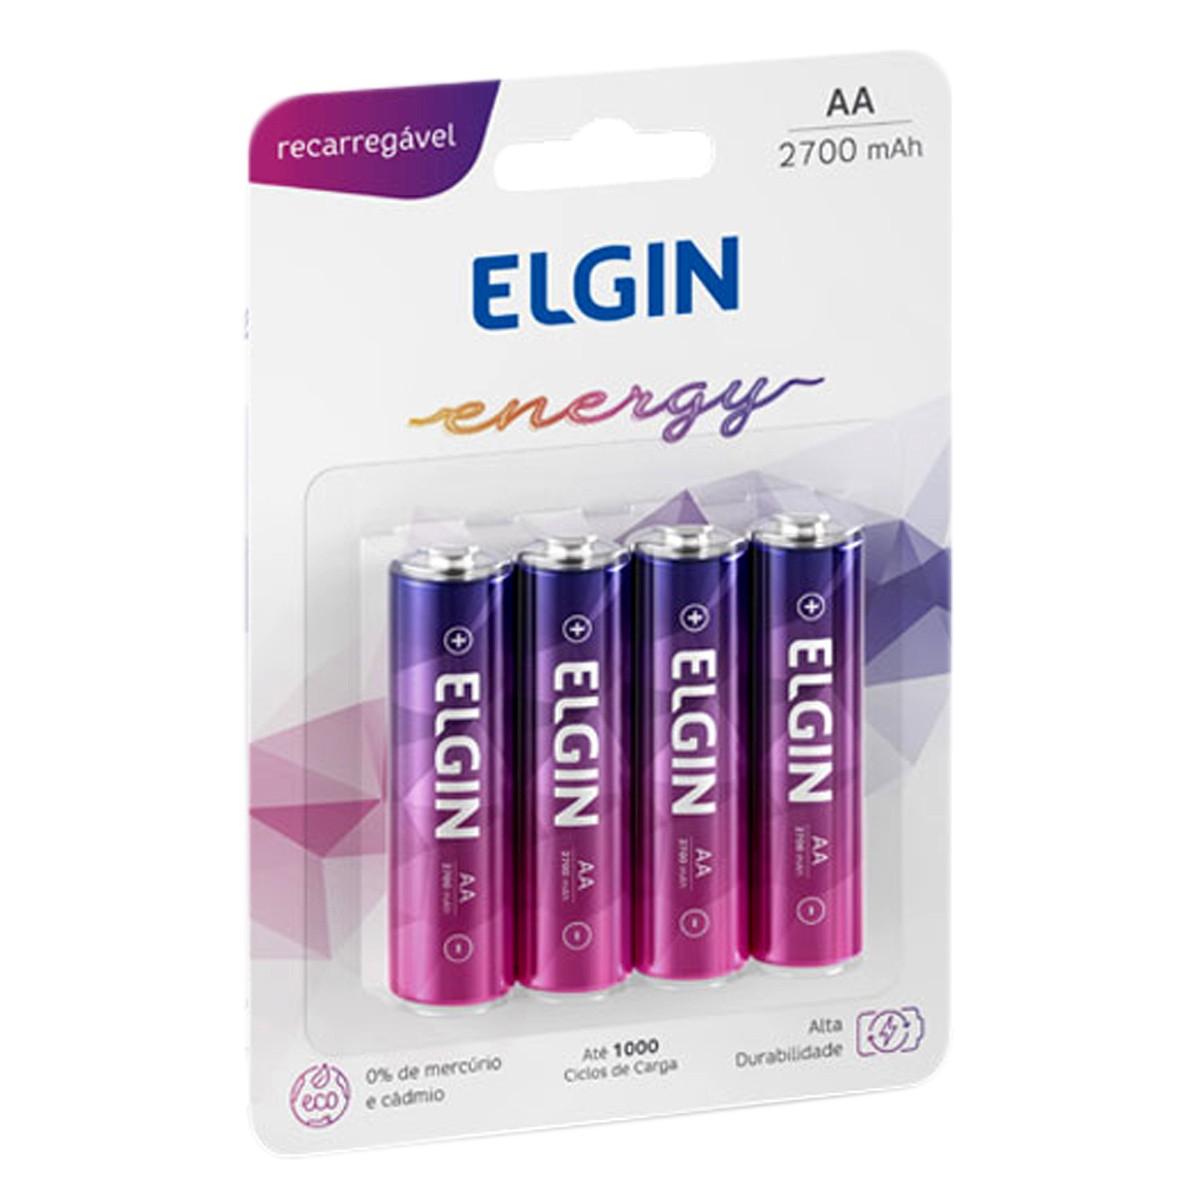 04 Bateria ELGIN AA 2700mAh Recarregável Alcalina 1 cartela